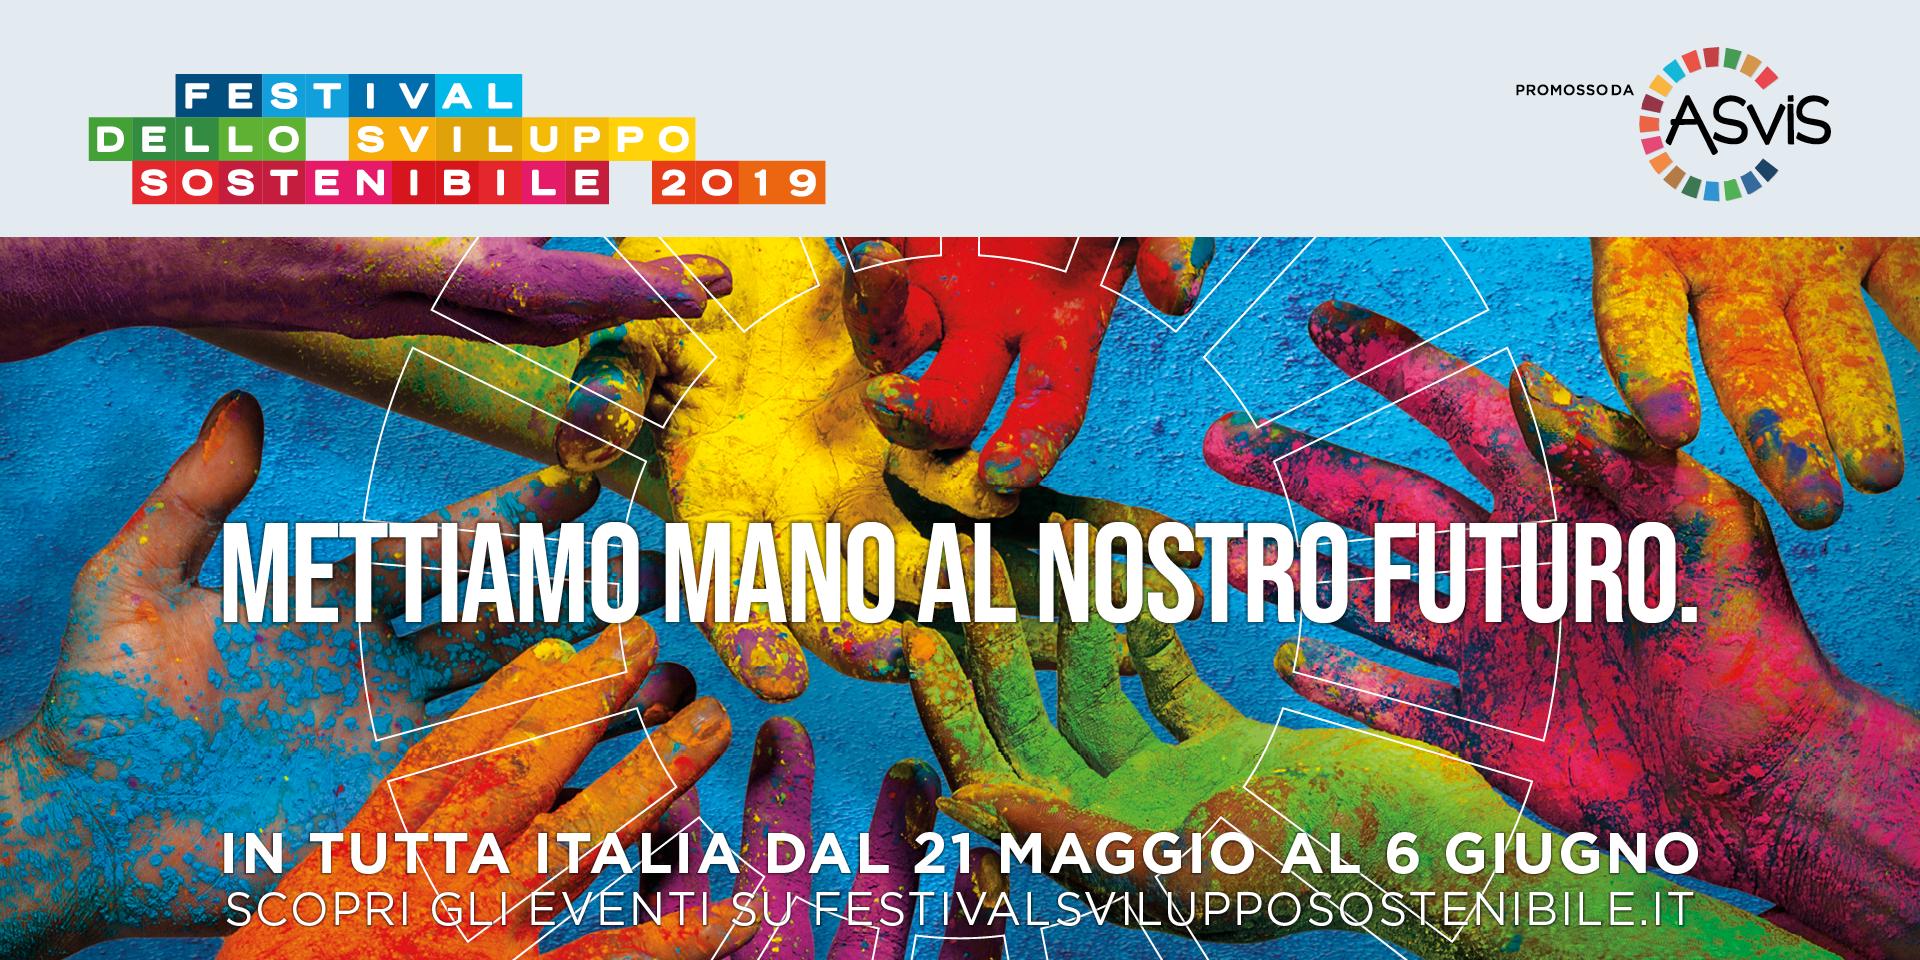 Dors Centro Di Documentazione Per La Promozione Della Salute Regione Piemonte